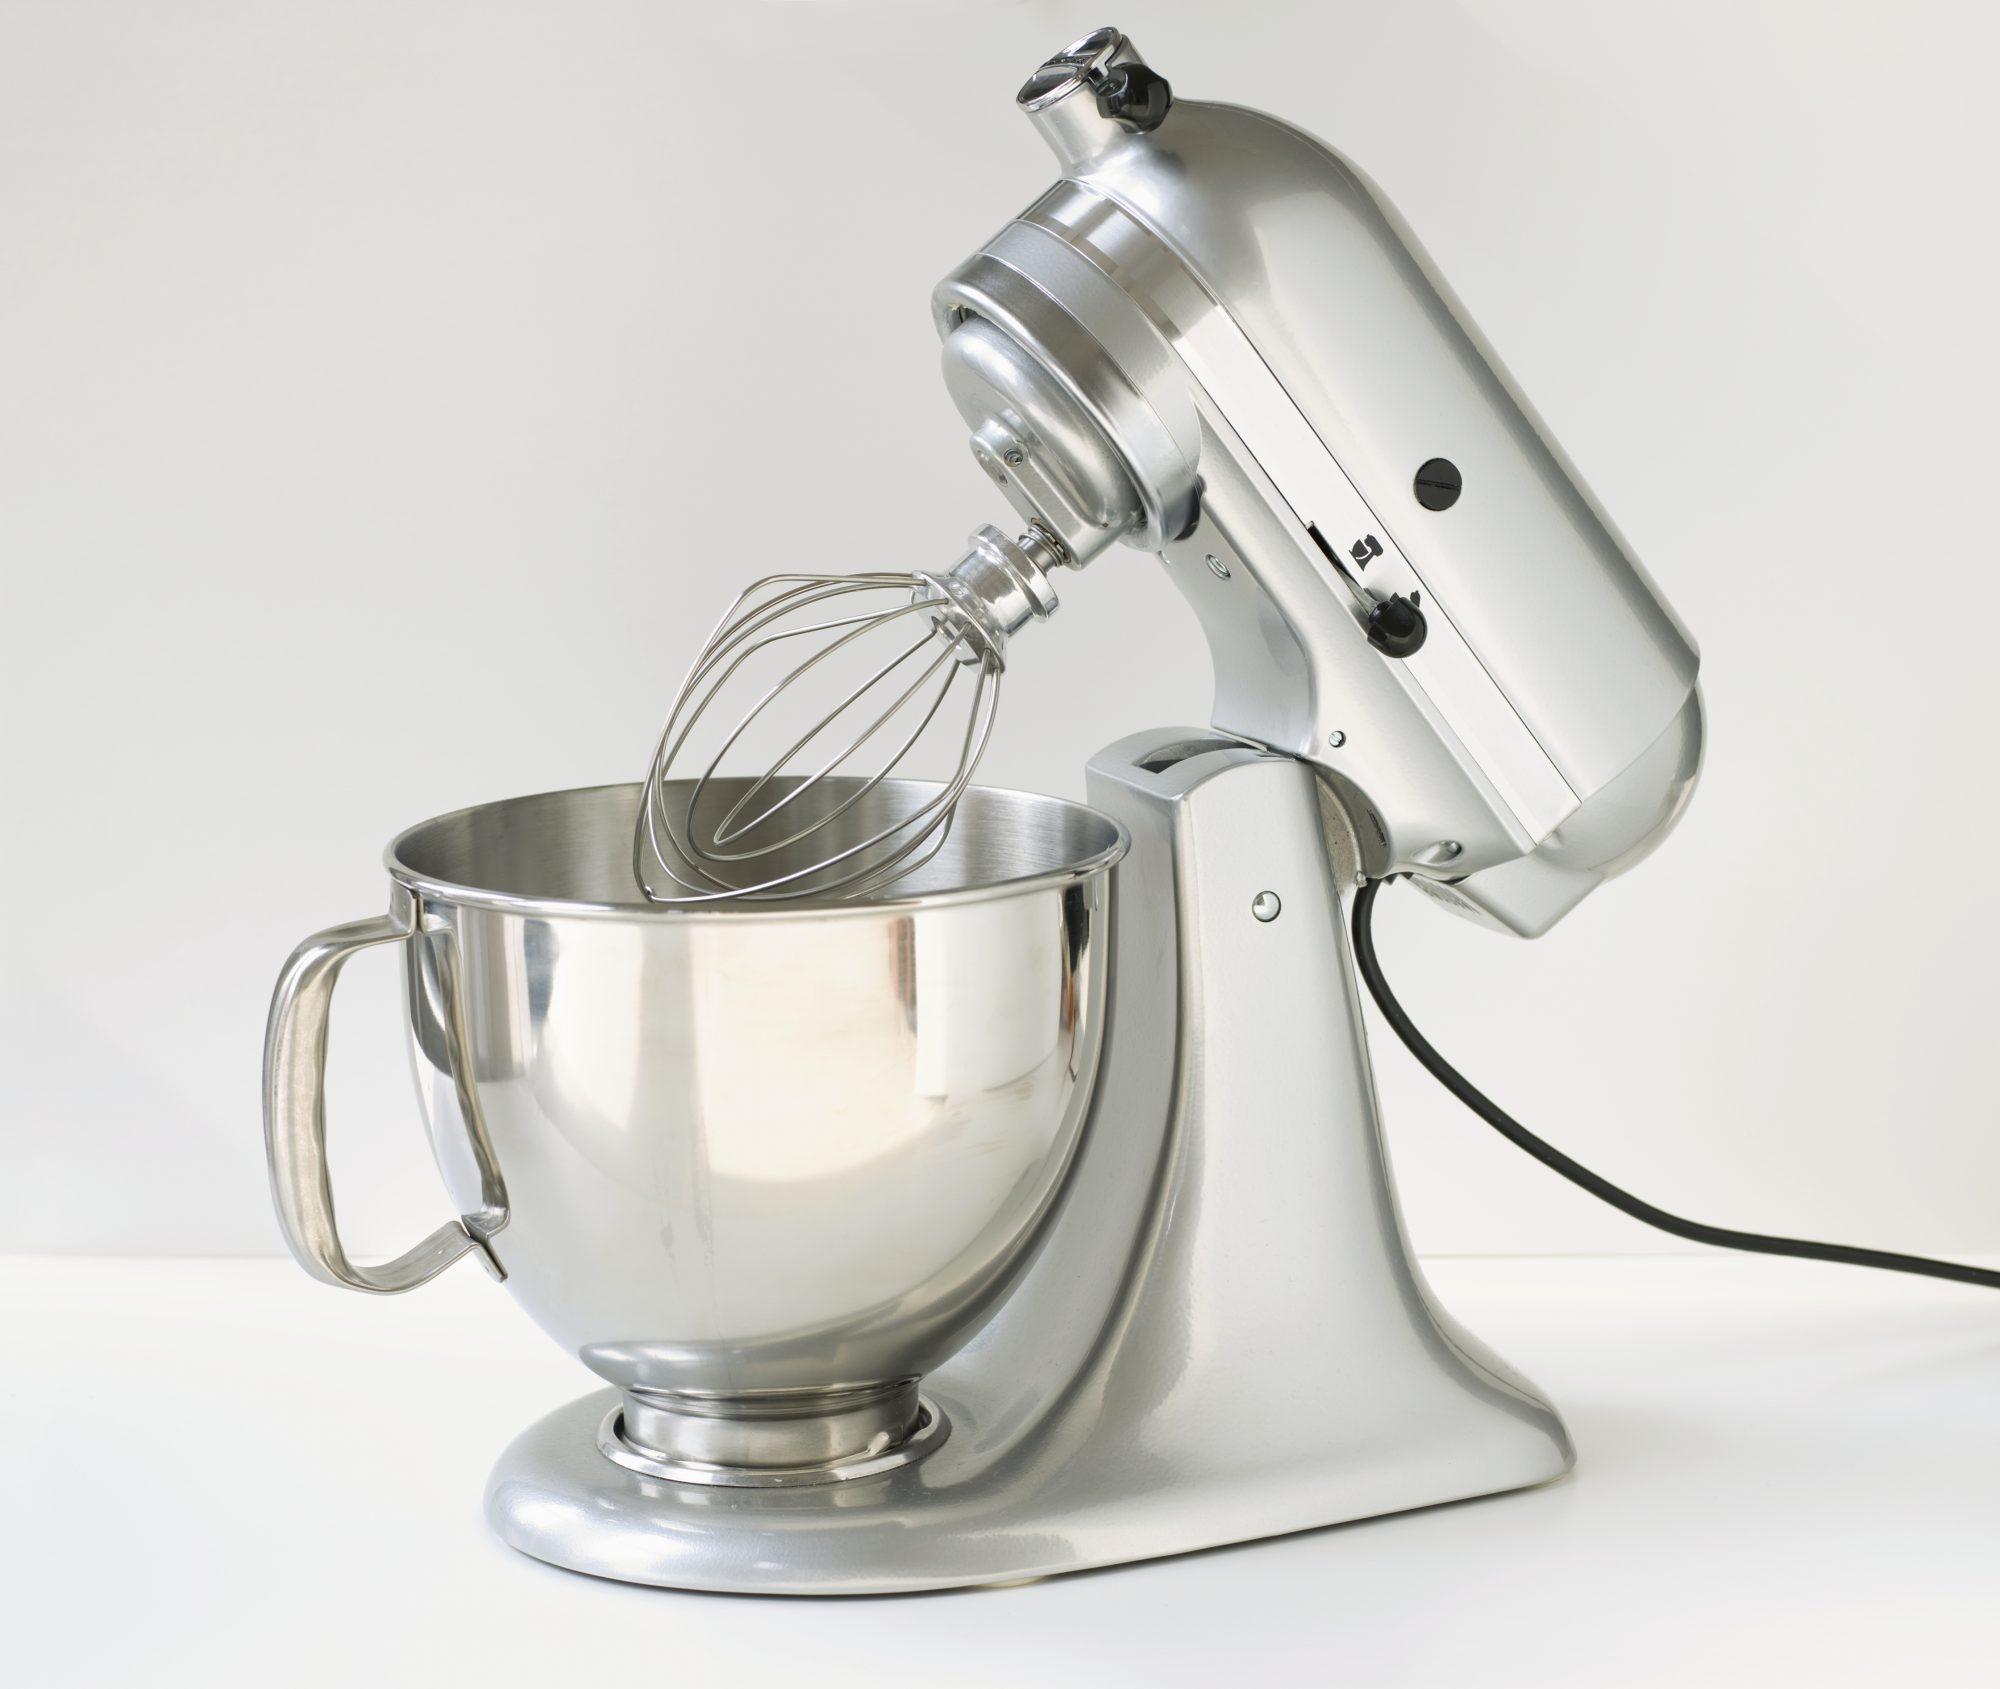 Kitchen Aid Mixer.jpg